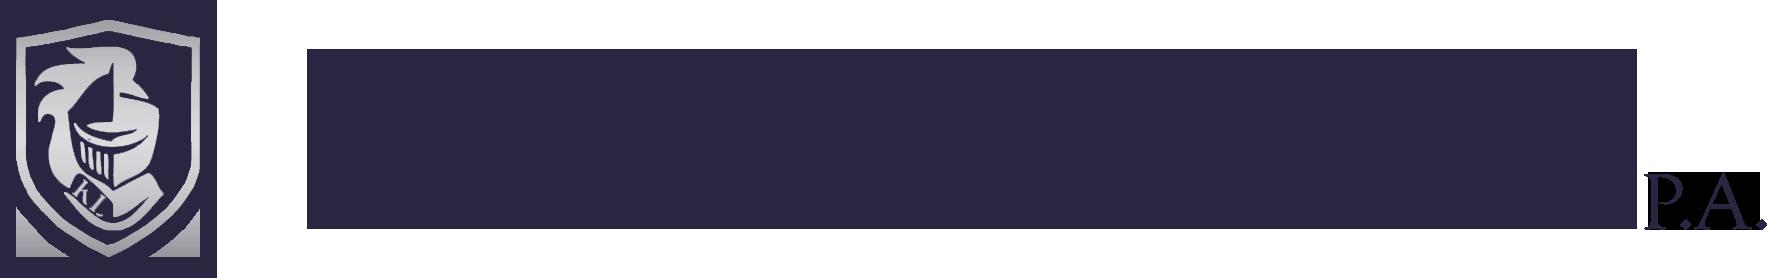 Knight Law P.A. Logo